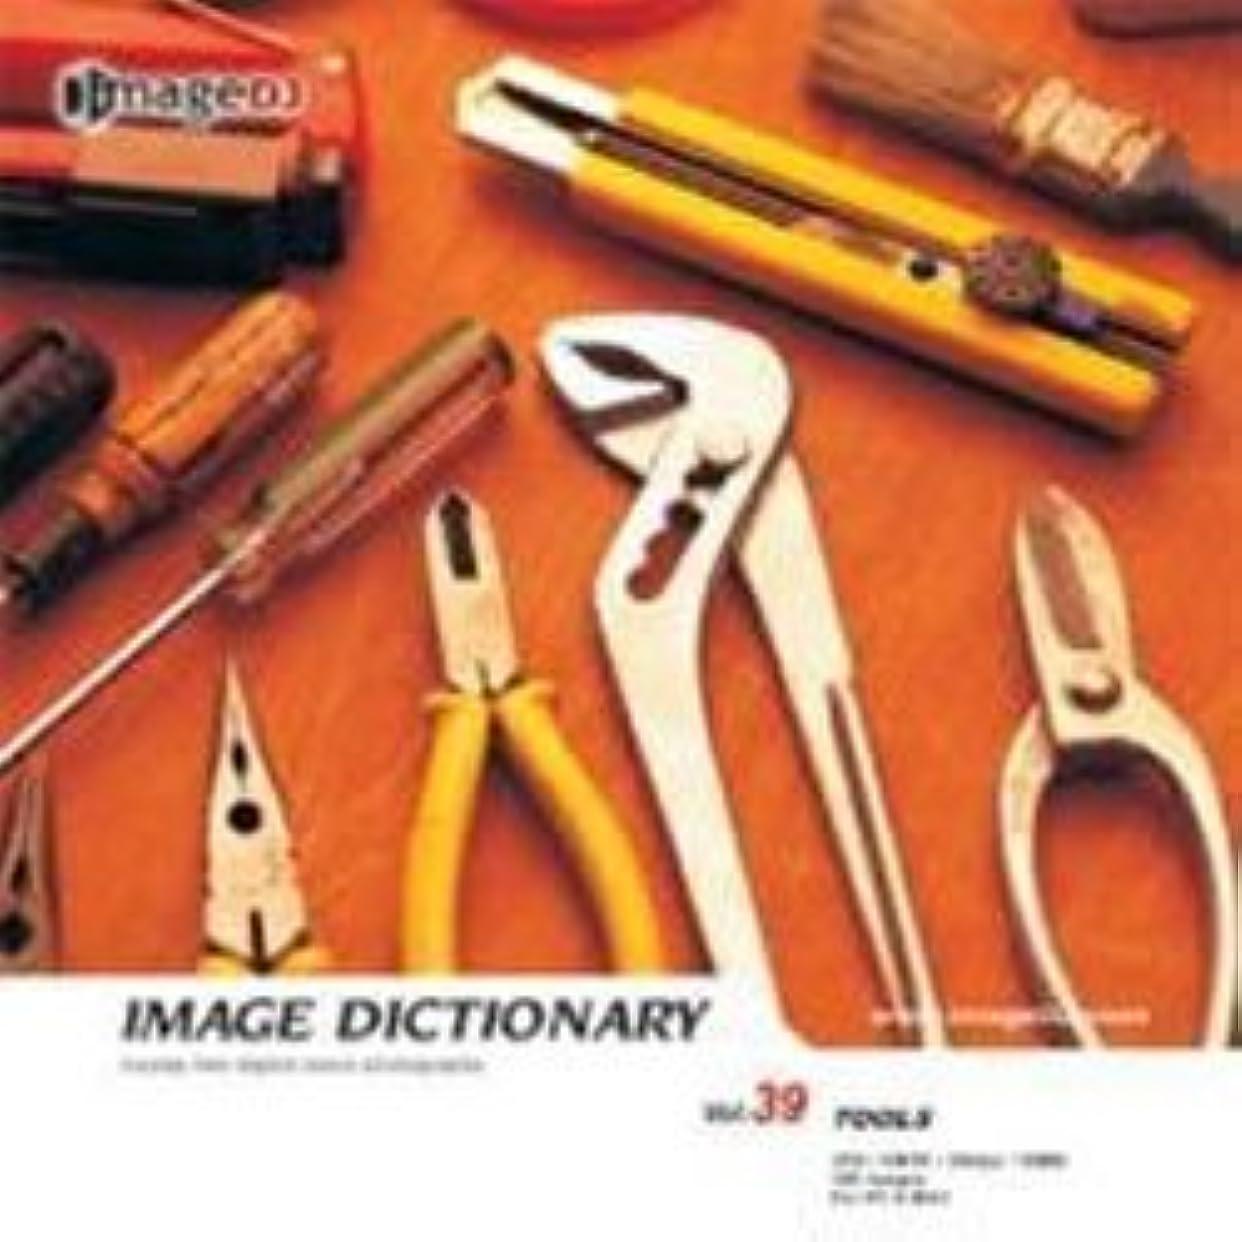 イメージ ディクショナリー Vol.39 工具